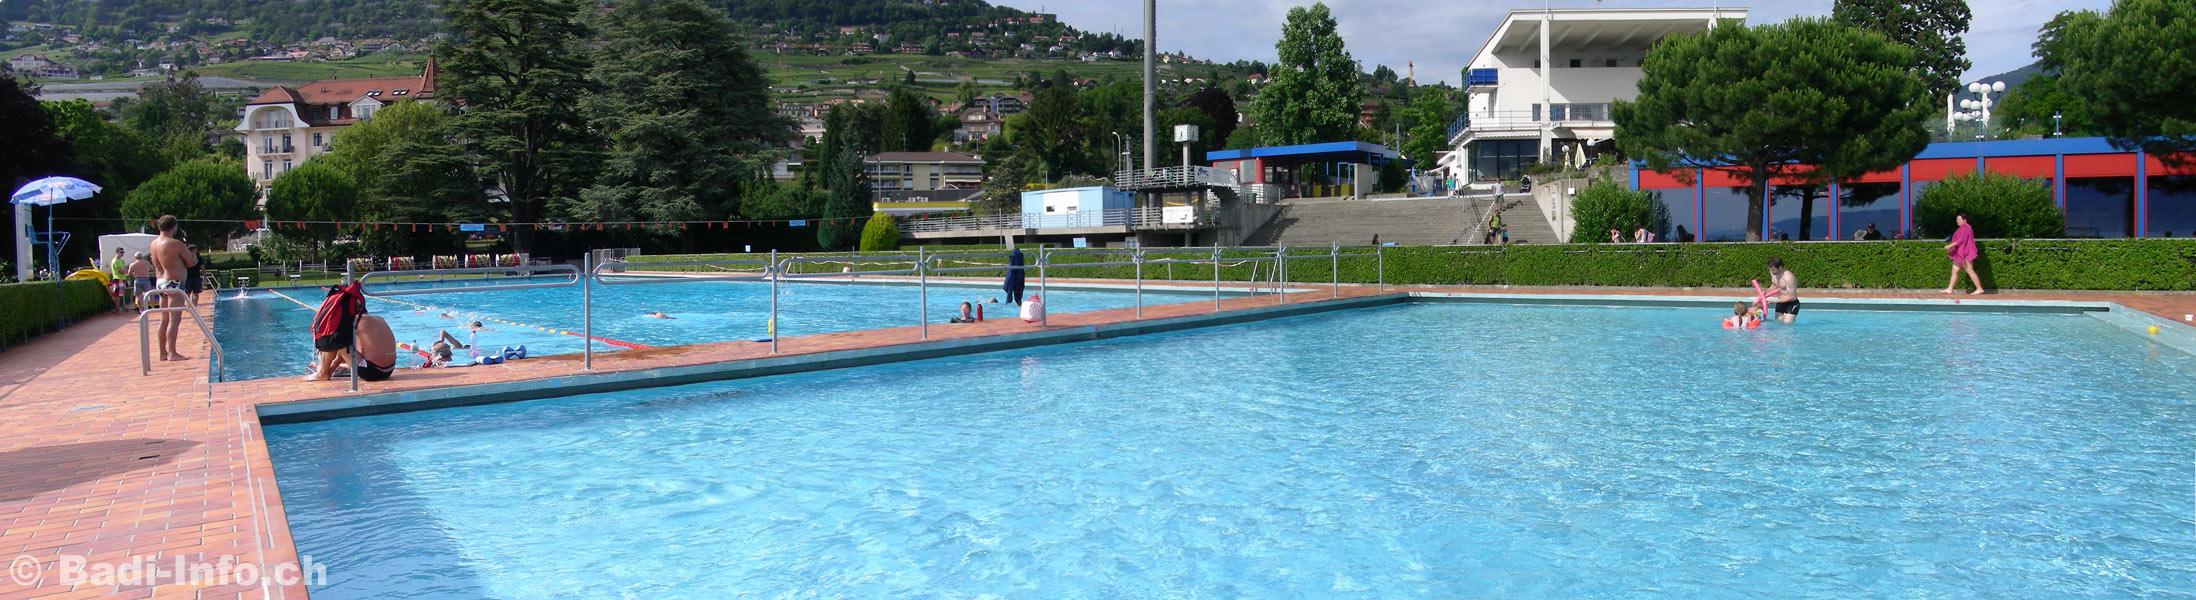 Piscine exterieure vevey corseaux for Attraper des poux a la piscine